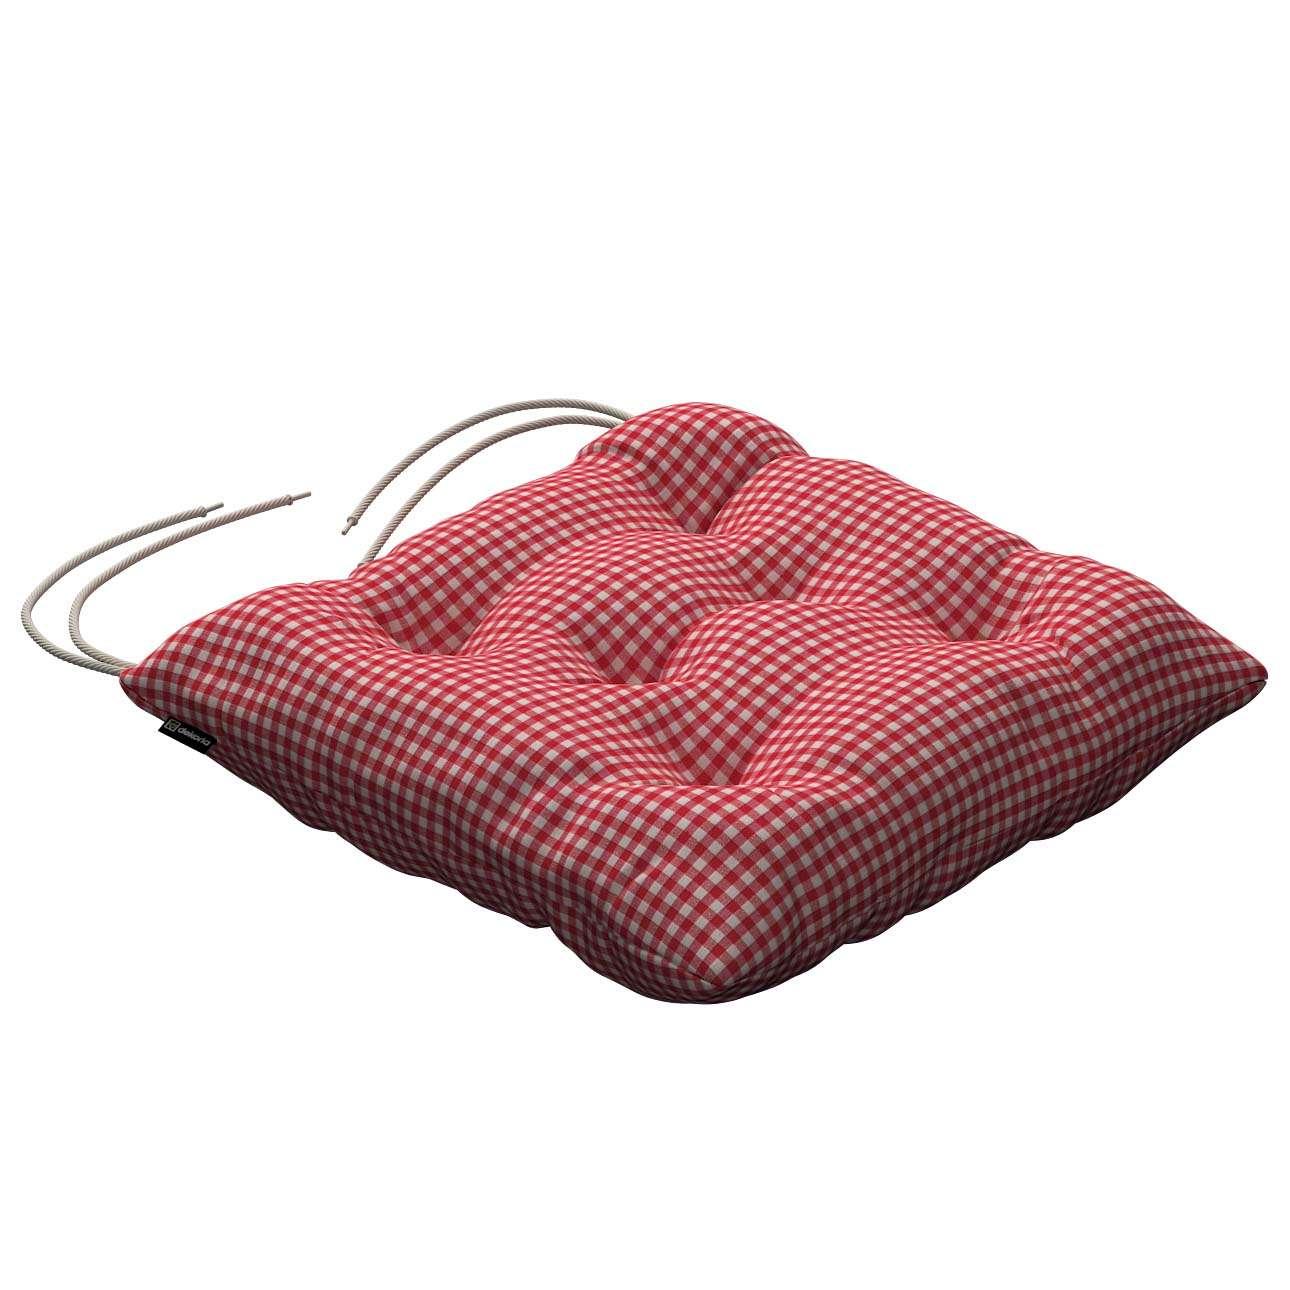 Siedzisko Jacek na krzesło 38x38x8cm w kolekcji Quadro, tkanina: 136-15